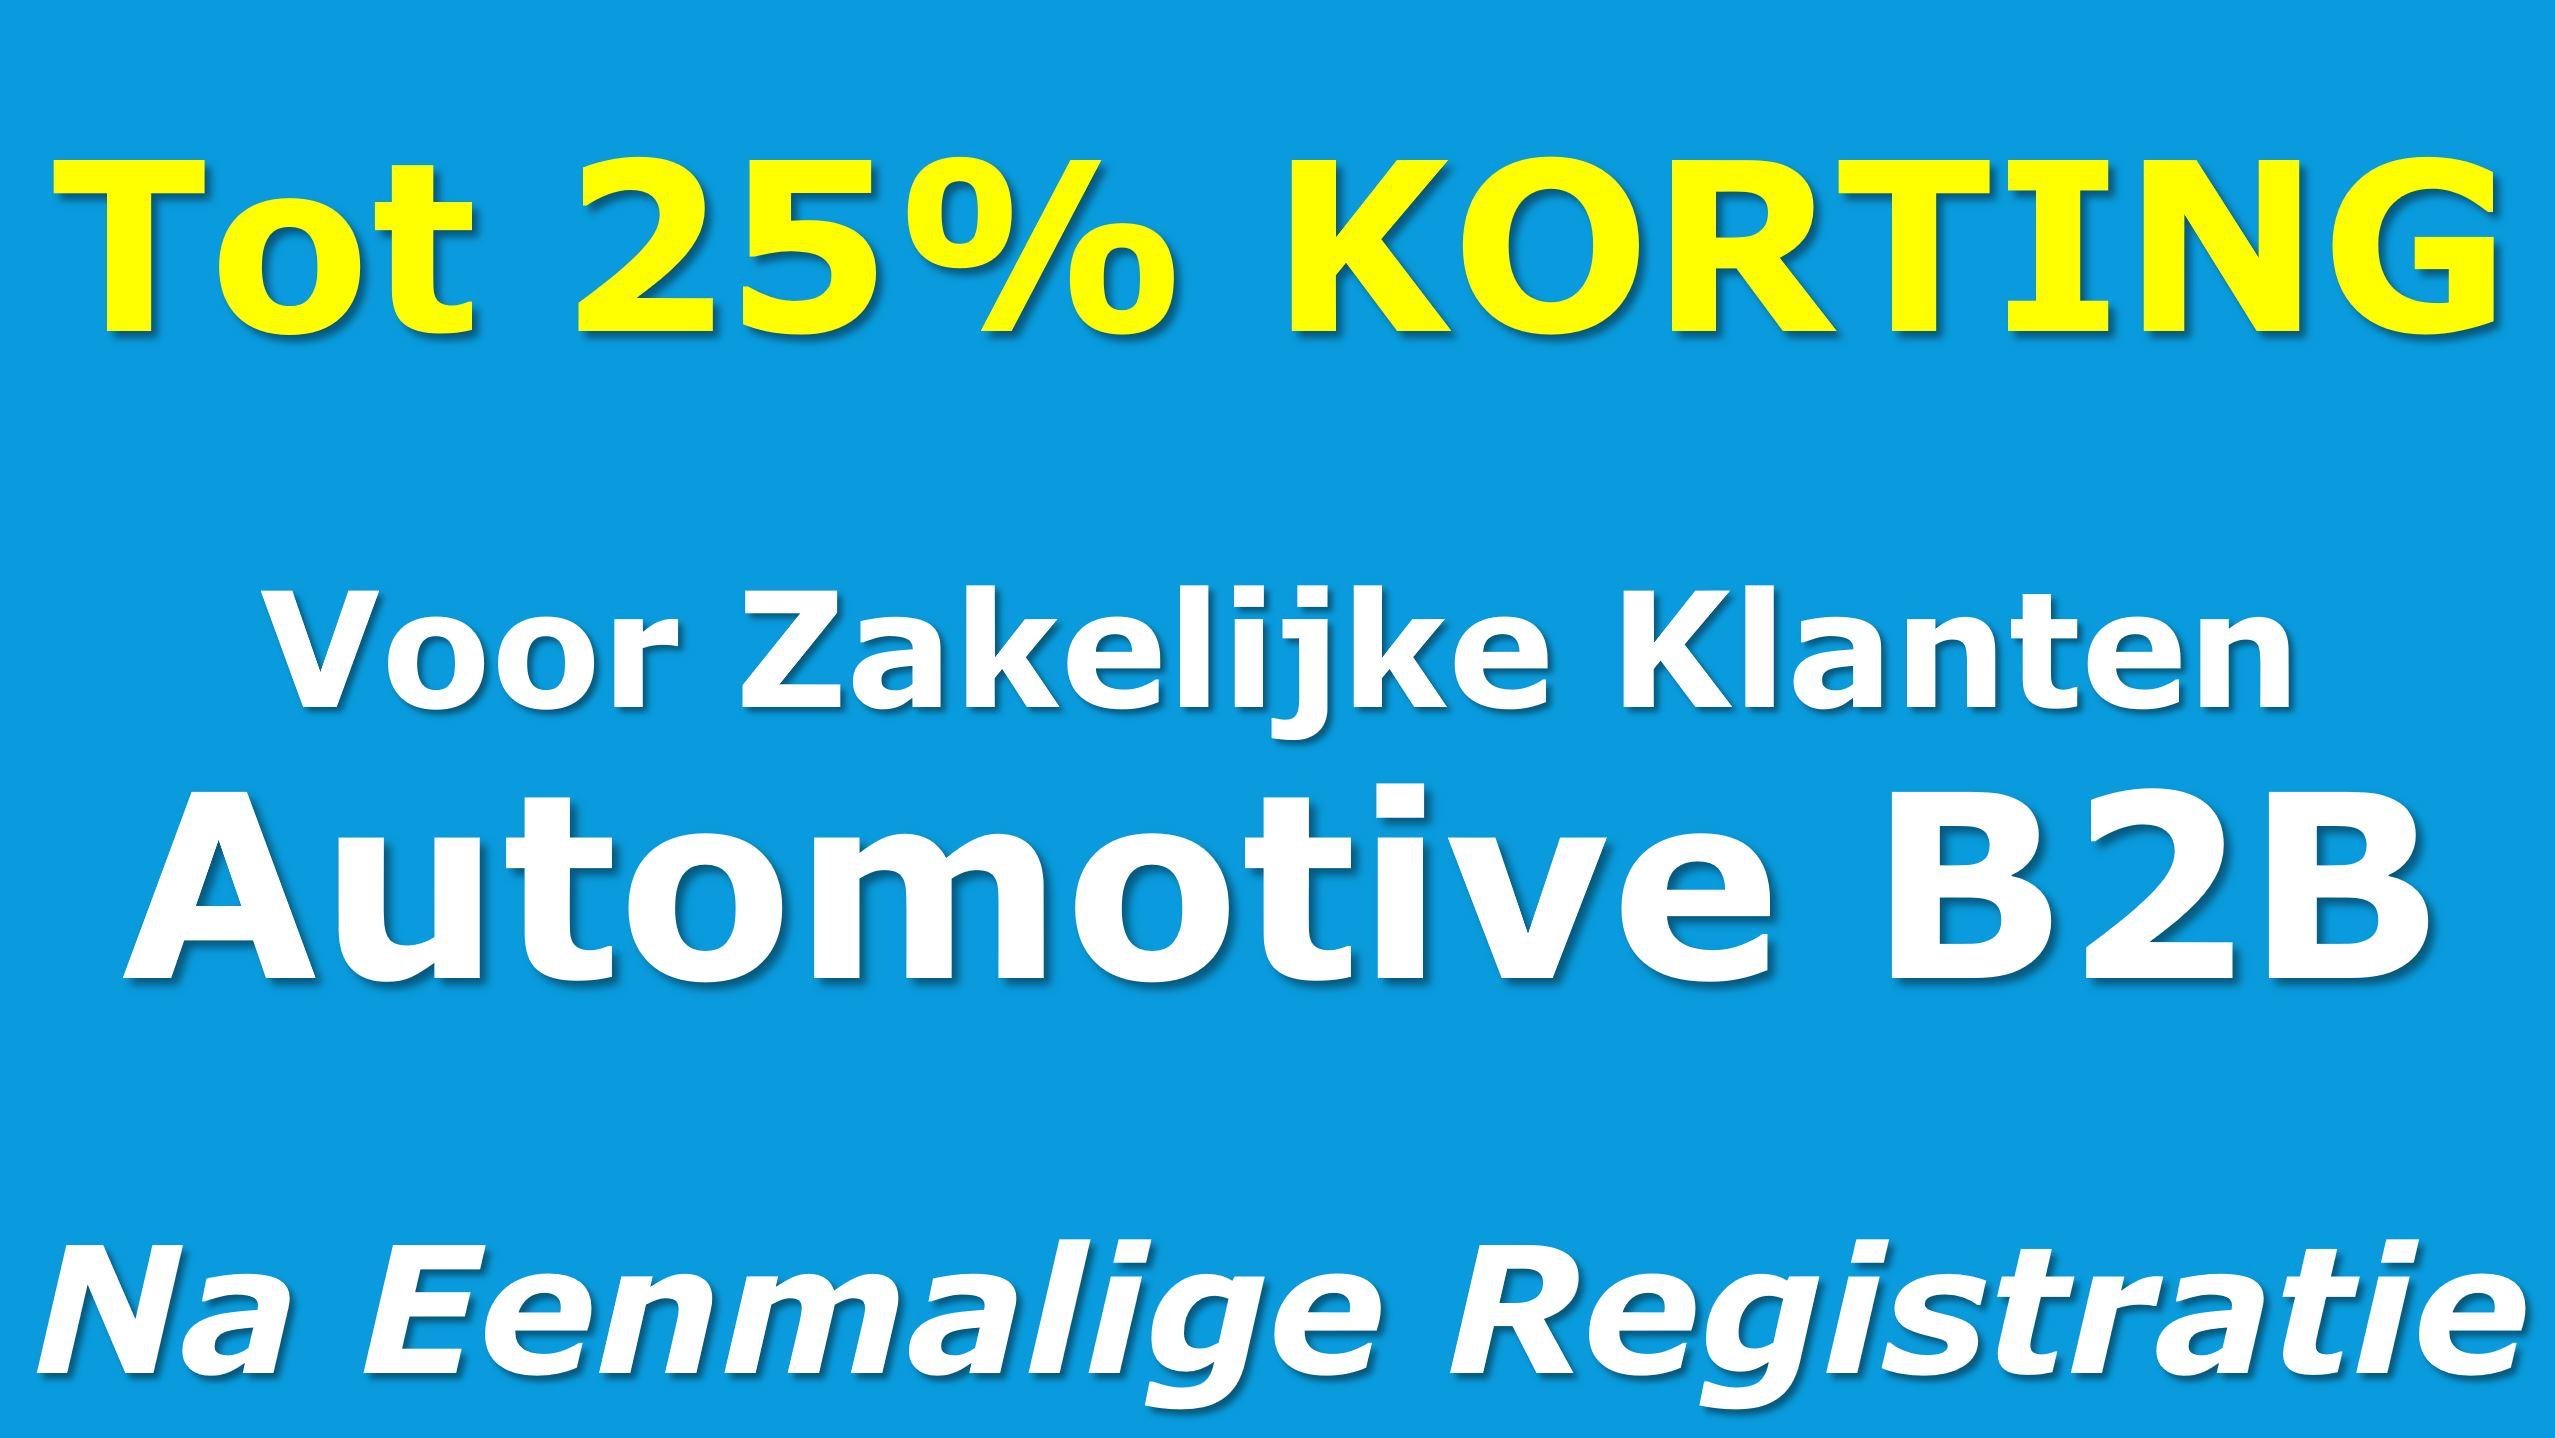 Korting voor Automotive B2B